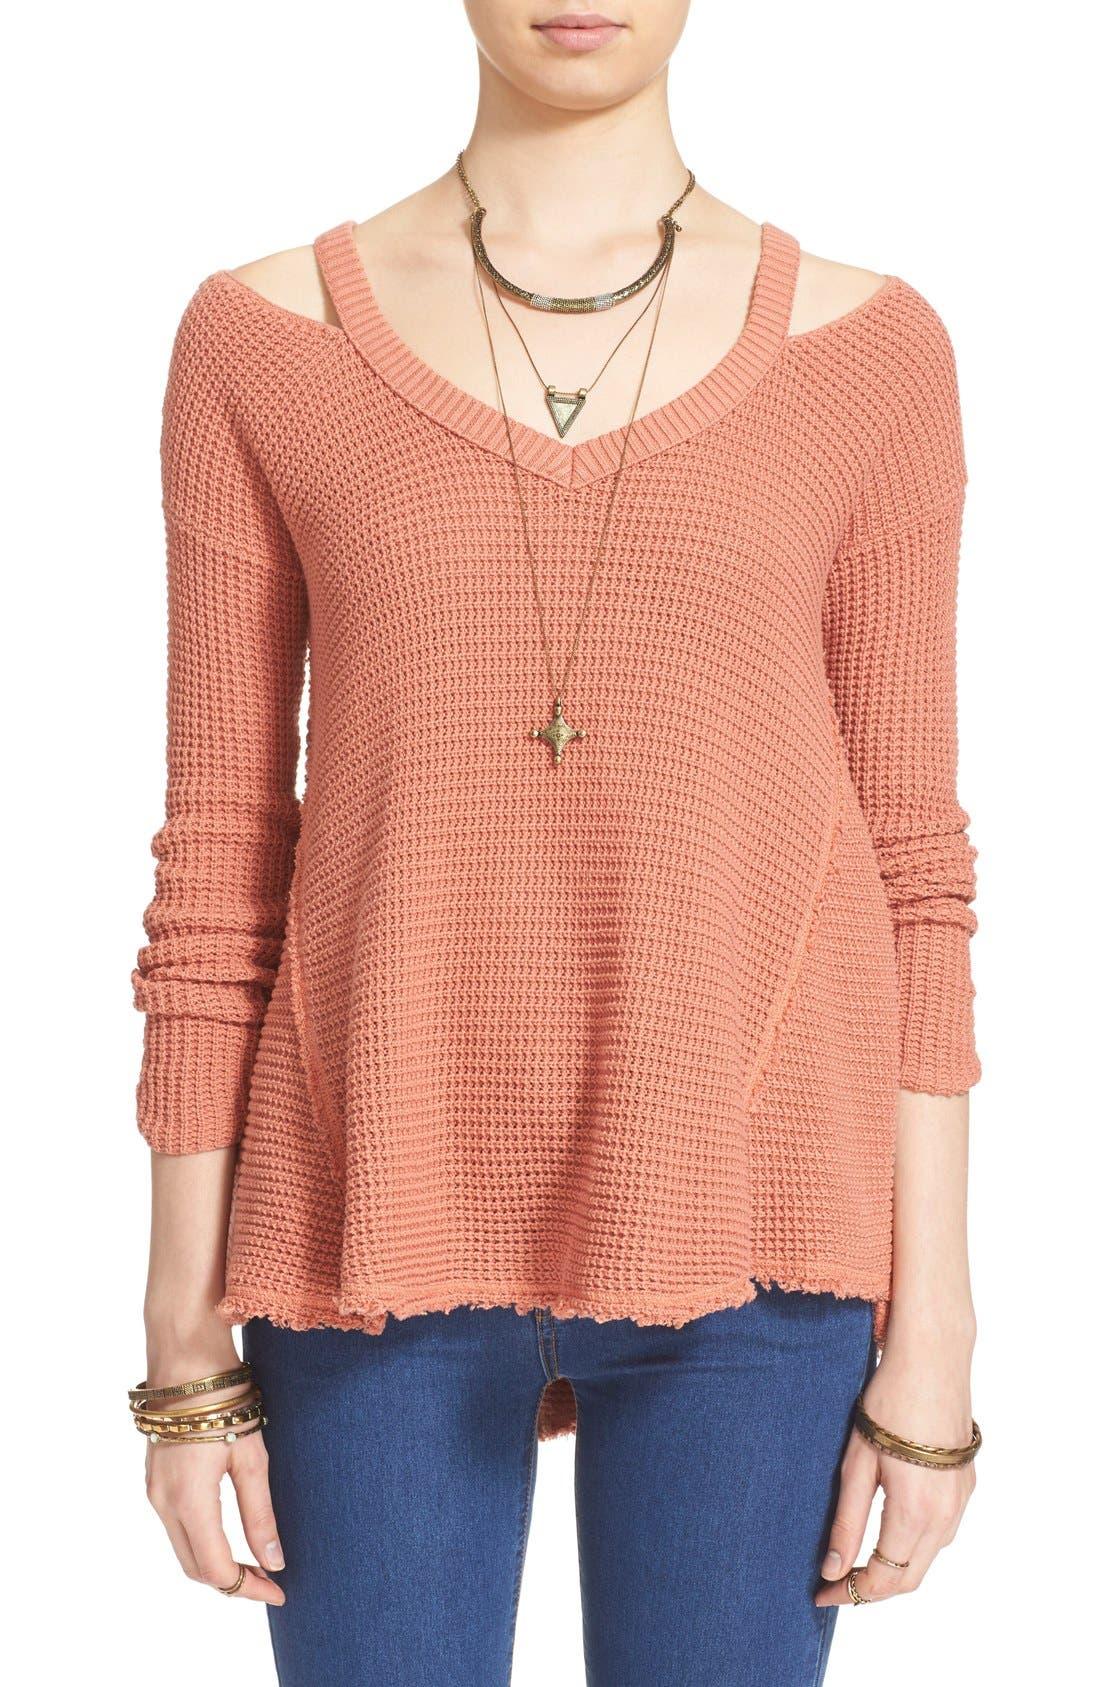 Alternate Image 1 Selected - Free People 'Moonshine V' Cold Shoulder Sweater